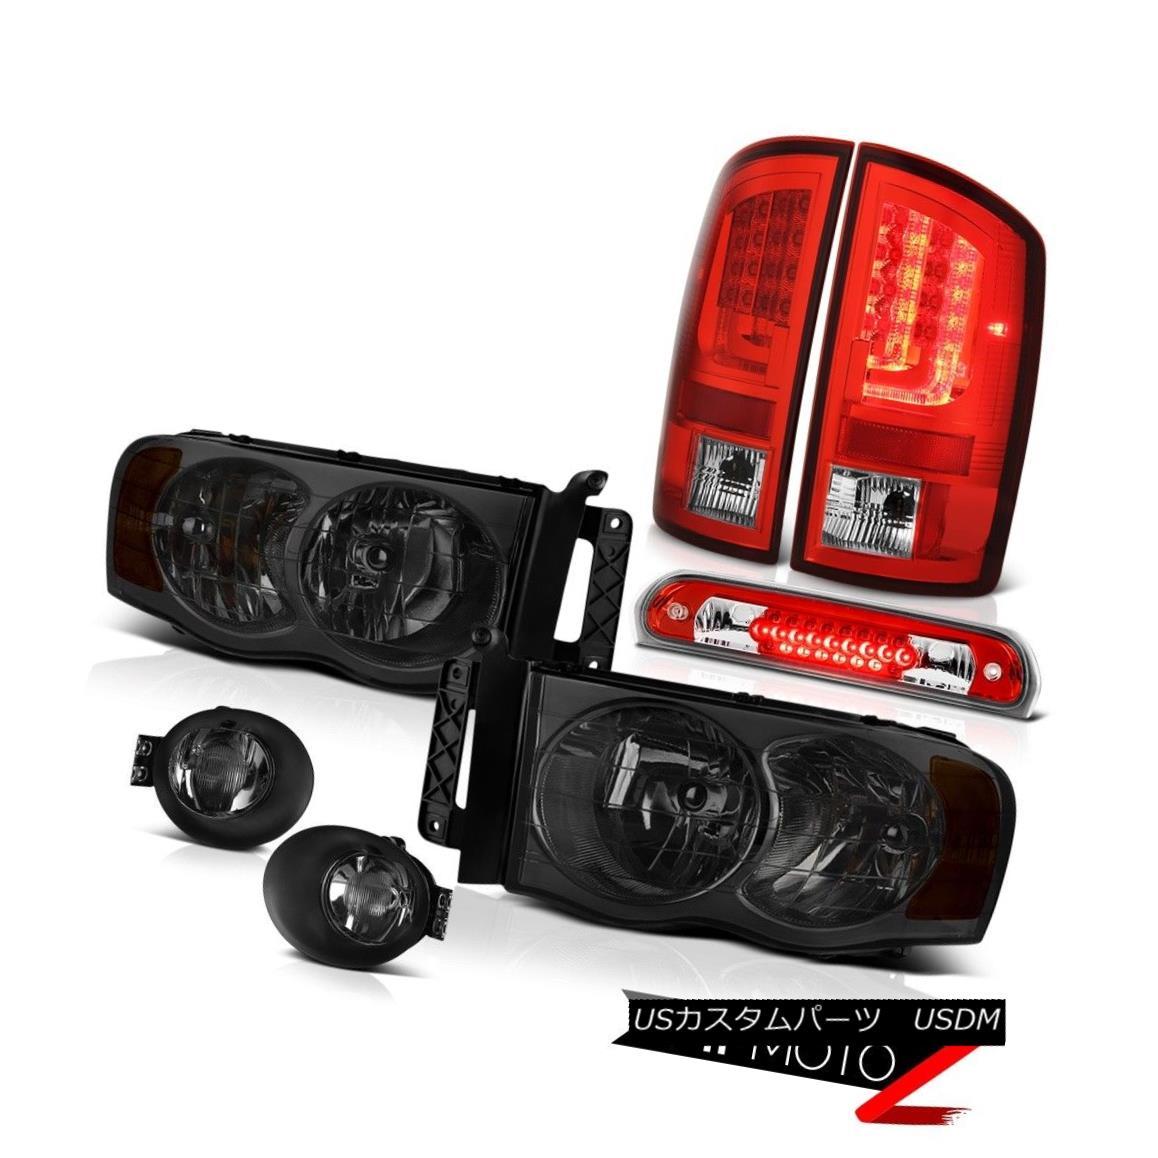 テールライト 2003-2005 Dodge Ram 1500 3.7L Taillamps Fog Lamps Headlamps Roof Cab Lamp LED 2003-2005ダッジラム1500 3.7LタイルランプフォグランプヘッドランプルーフキャブランプLED